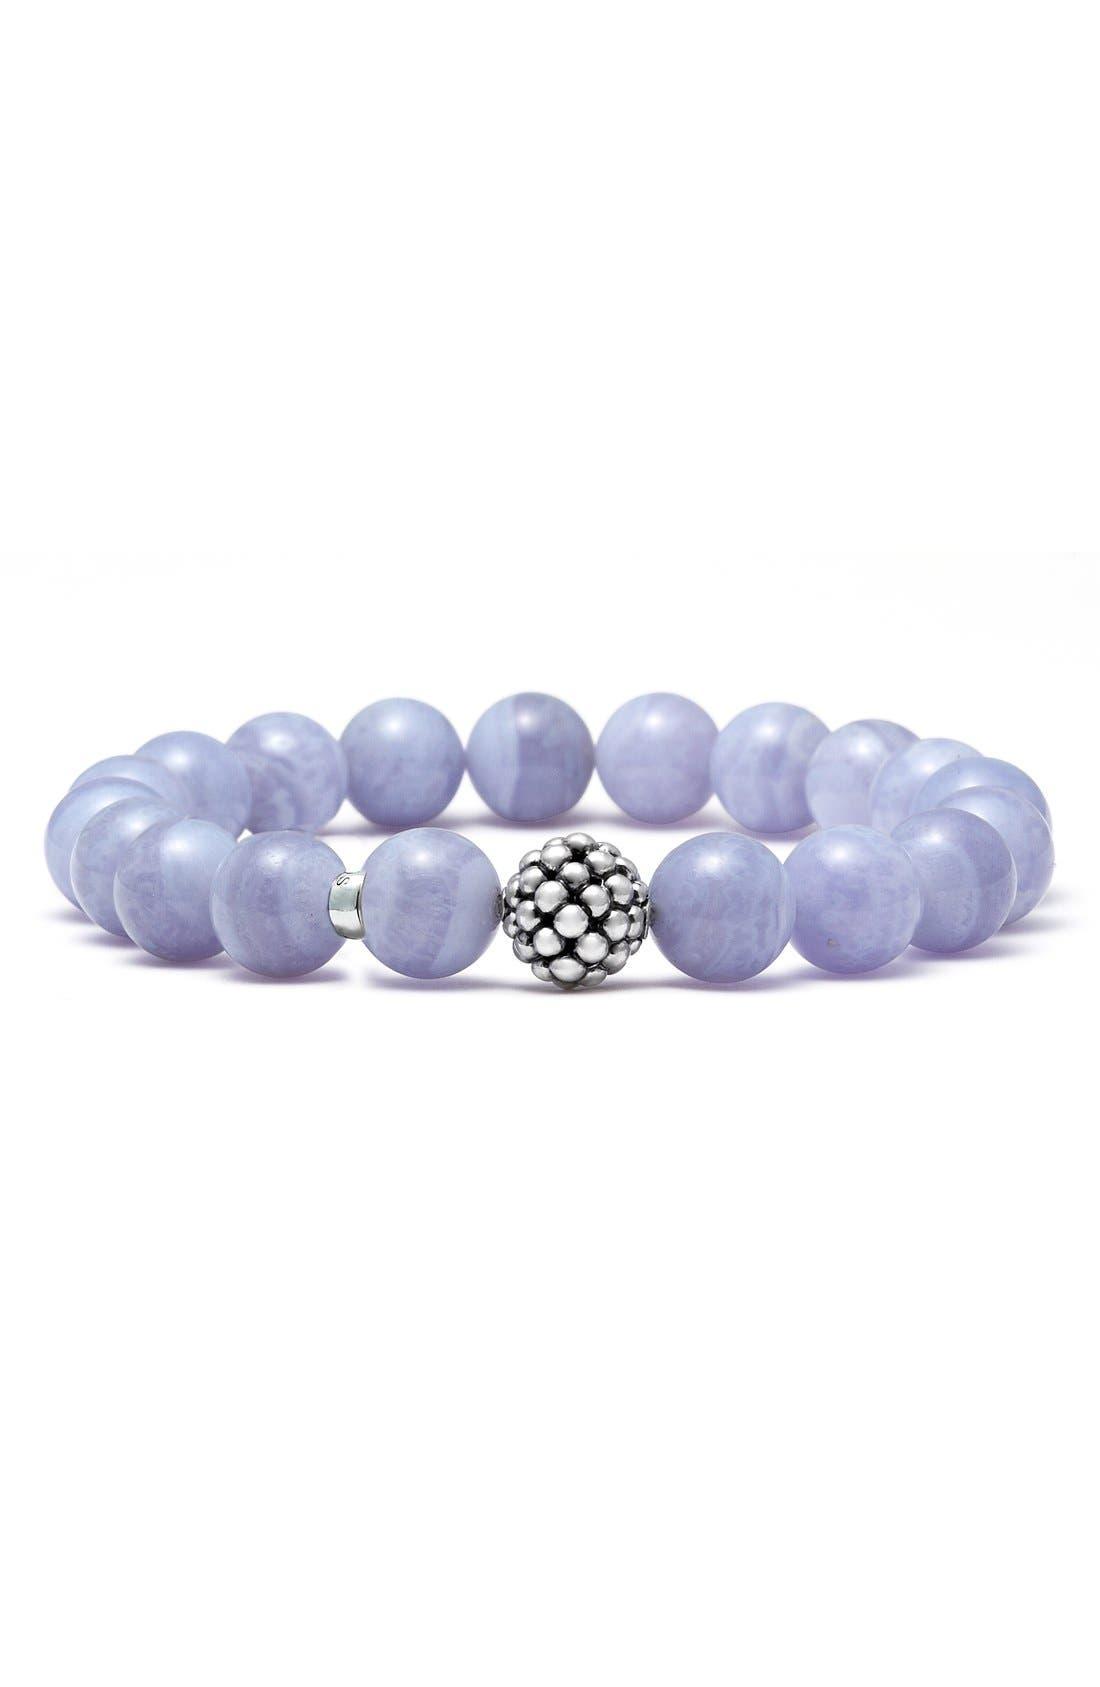 Bead Stretch Bracelet,                             Main thumbnail 1, color,                             BLUE LACE AGATE